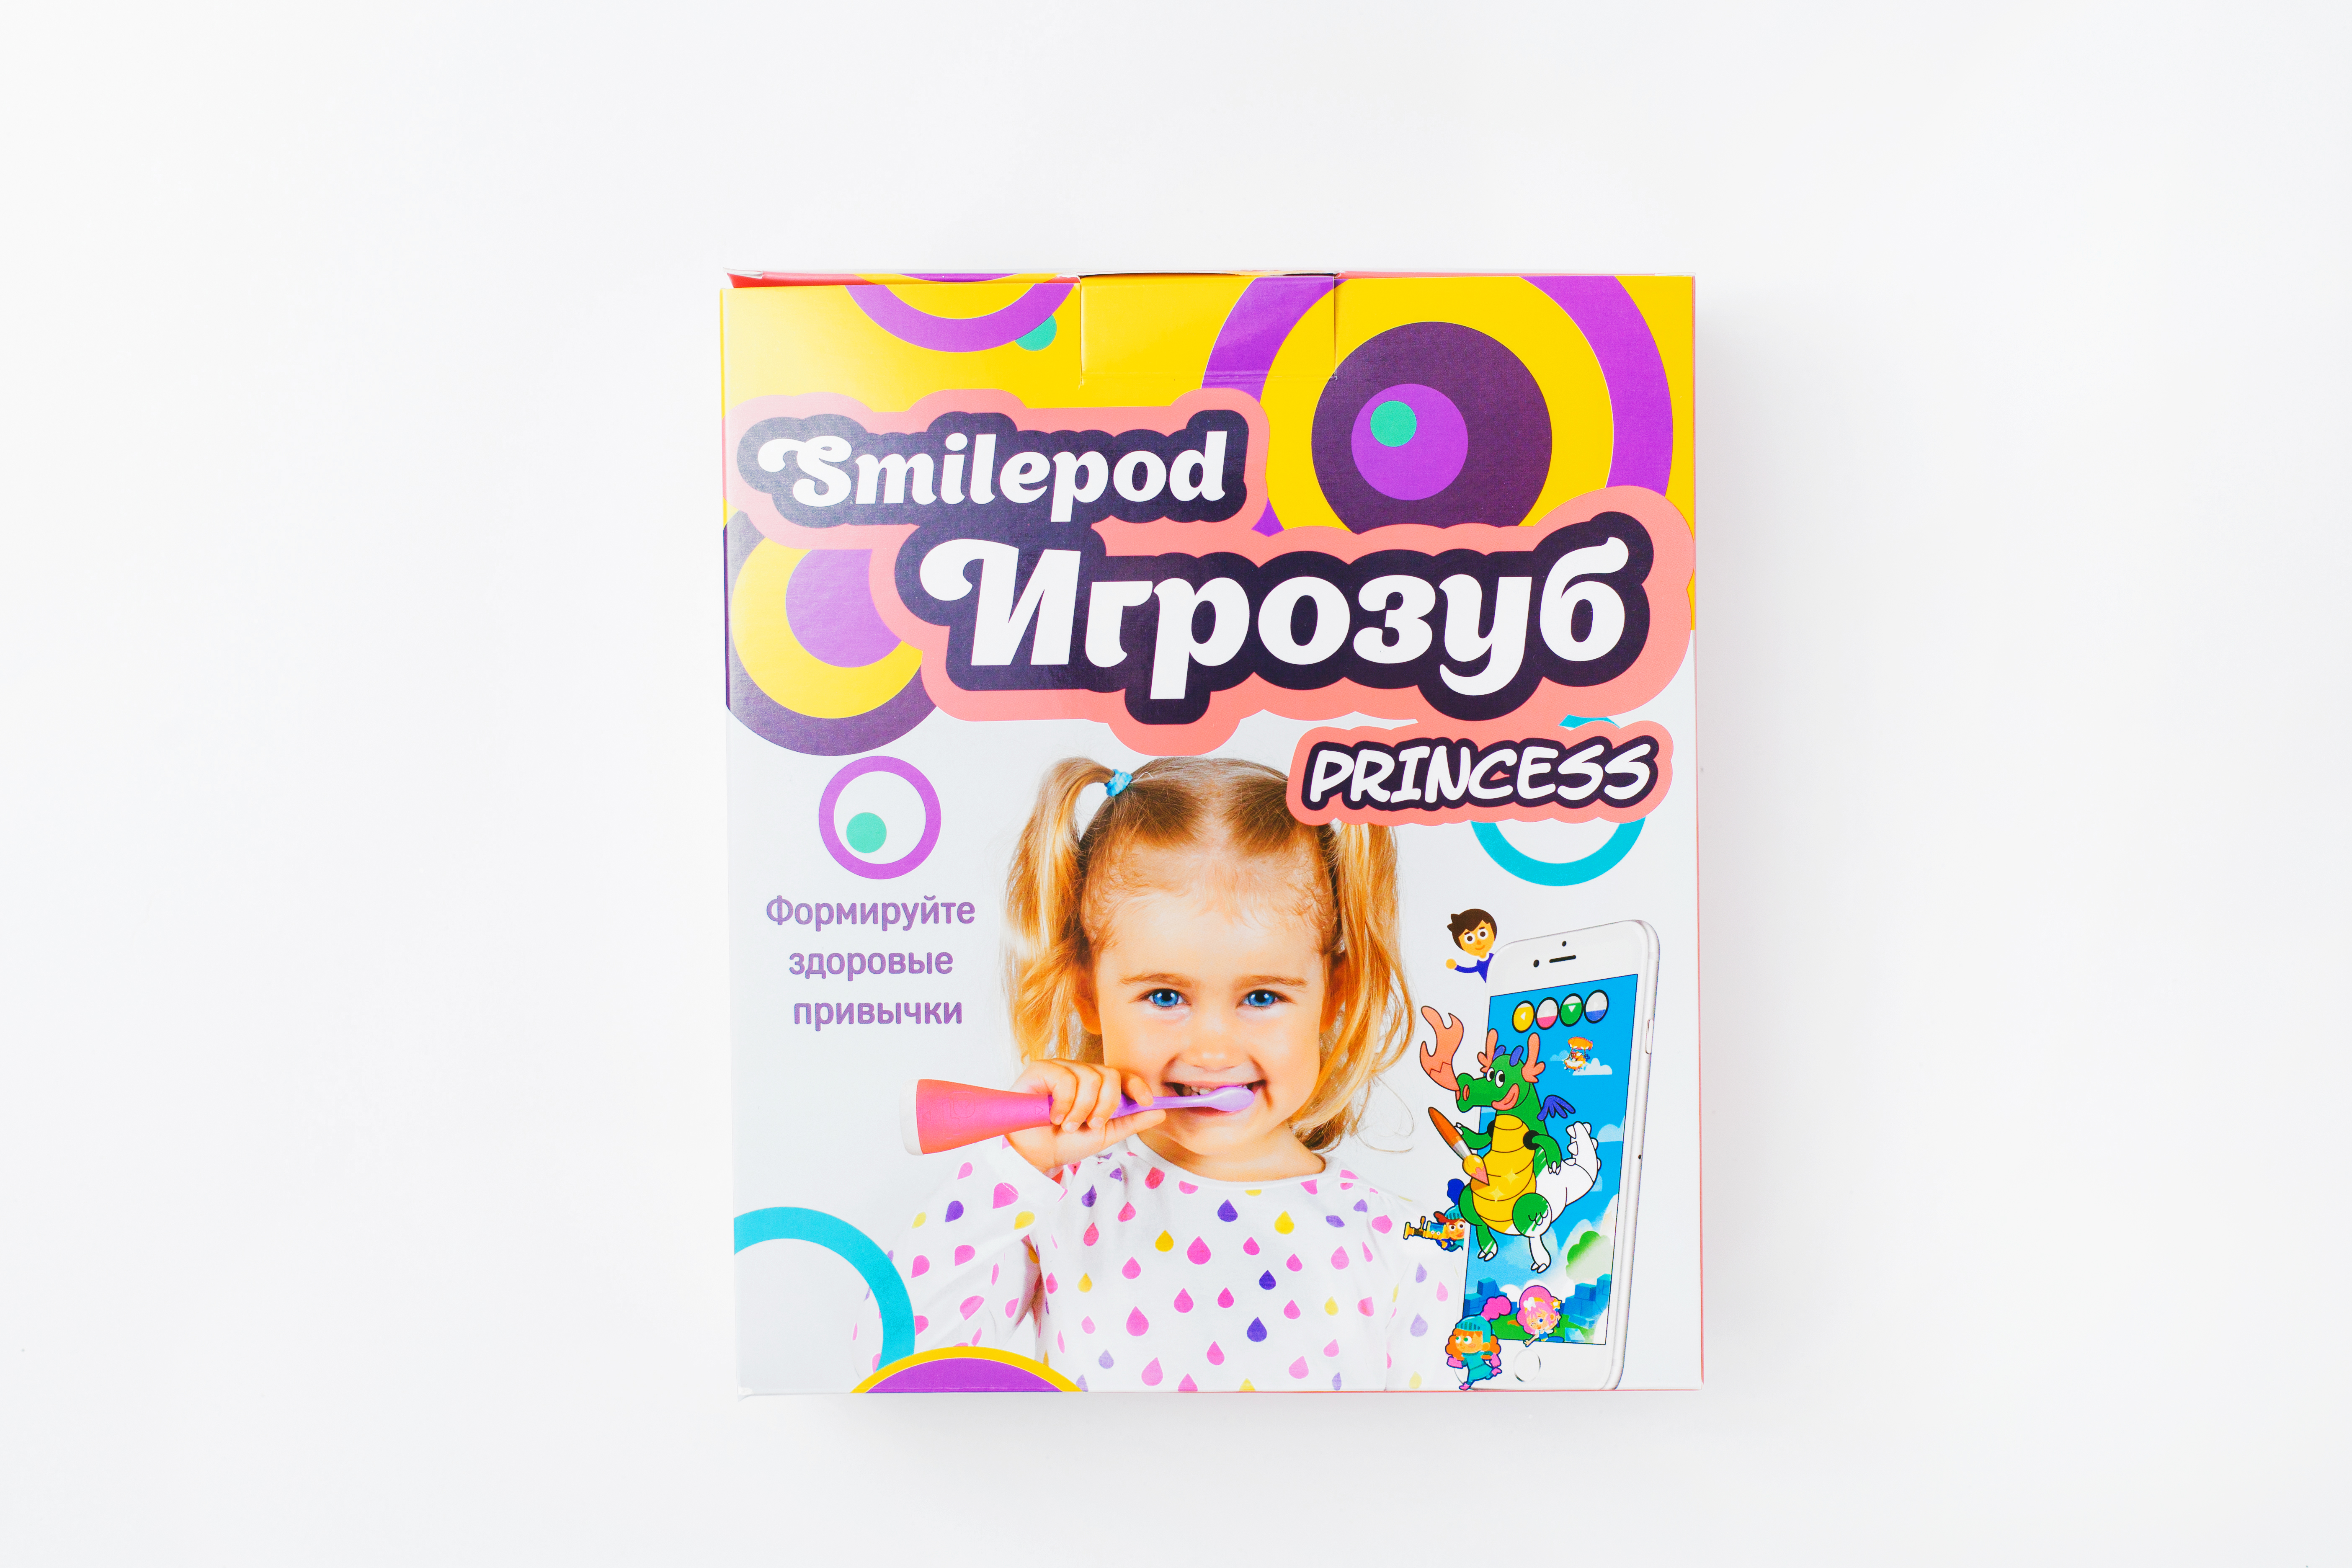 Smilepod Игрозуб Princess, Pink детский обучающий набор для чистки зубовТ00000006Дети не любят чистить зубы, 7 из 10 детей чистят зубы меньше положенных 2 минут. SmilePod Princess - обучающая игра, формирующая у детей навык правильной, продолжительной и не скучной чистки зубов, без усилий со стороны родителей. SmilePod Princess превращает любую зубную щетку в контроллер управления игрой. Мотивация – сильнейший стимул, SmilePod Princess превращает чистку зубов в игру. Для начала игры, нужно скачать одну из 5 развивающих игр на планшет или смартфон, который будет надежно защищен специальным чехлом с креплением на зеркало. Все что необходимо далее – это запустить игру. Благодаря SmilePod Princess, юная Принцесса сможет играя, тщательно чистить зубы, приводить в порядок полость рта, - тем самым проходить игровые уровни. Переход на следующий игровой уровень, возможен только при правильной технике чистки зубов и продолжительности чистки не менее 2х минут, рекомендованных стоматологами.Электрические зубные щетки. Статья OZON Гид